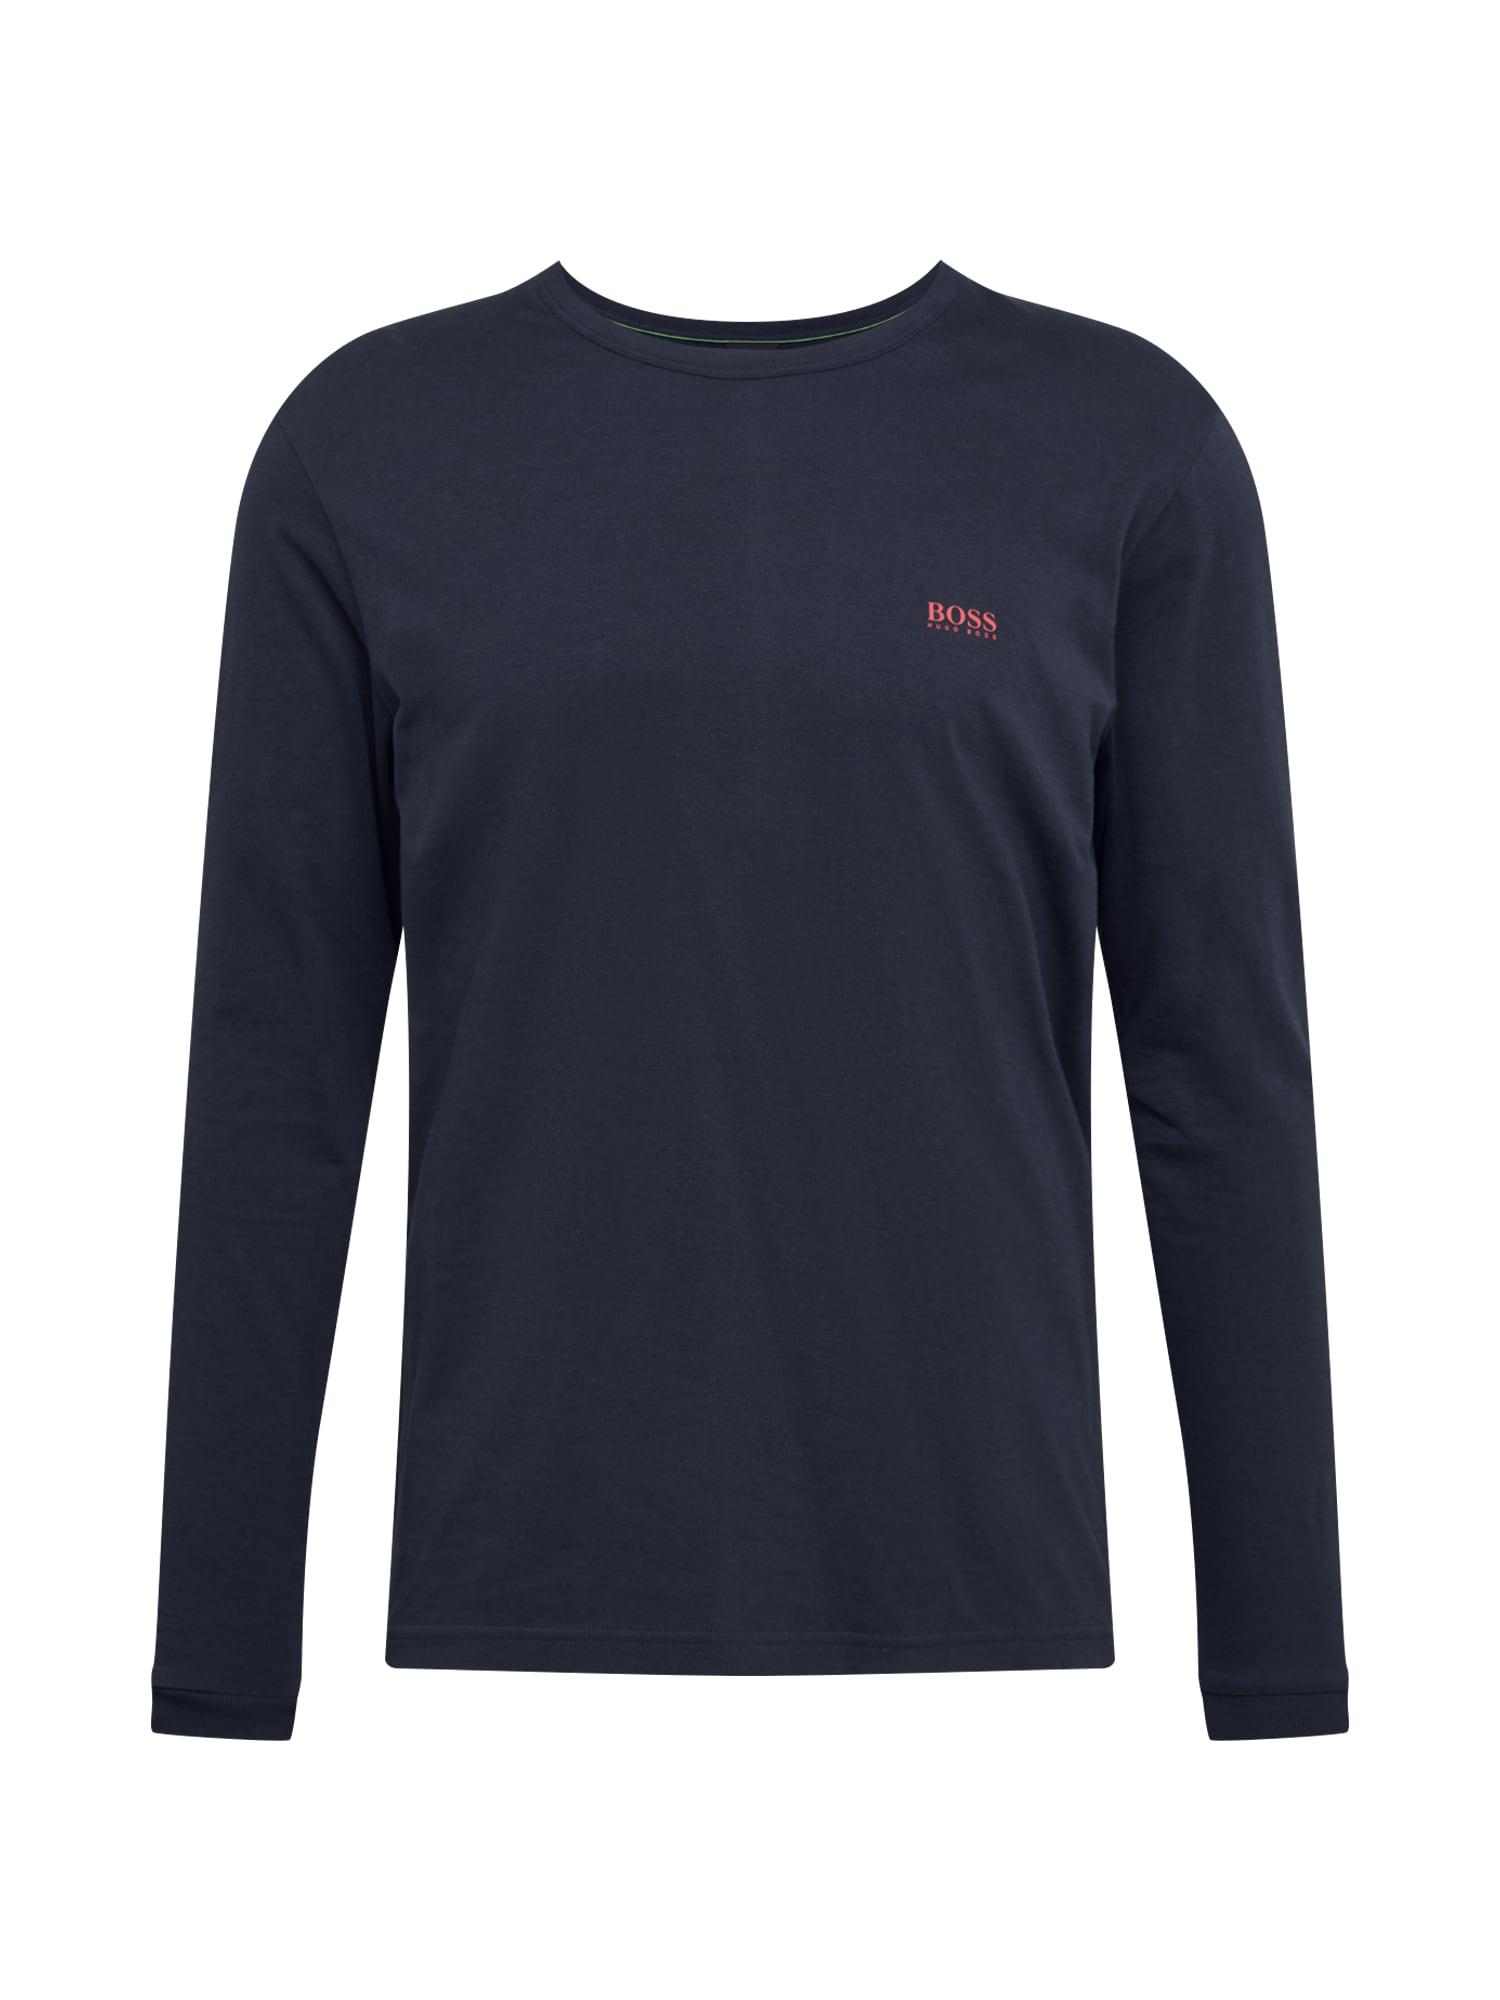 BOSS ATHLEISURE Marškinėliai 'Togn' nakties mėlyna / melionų spalva